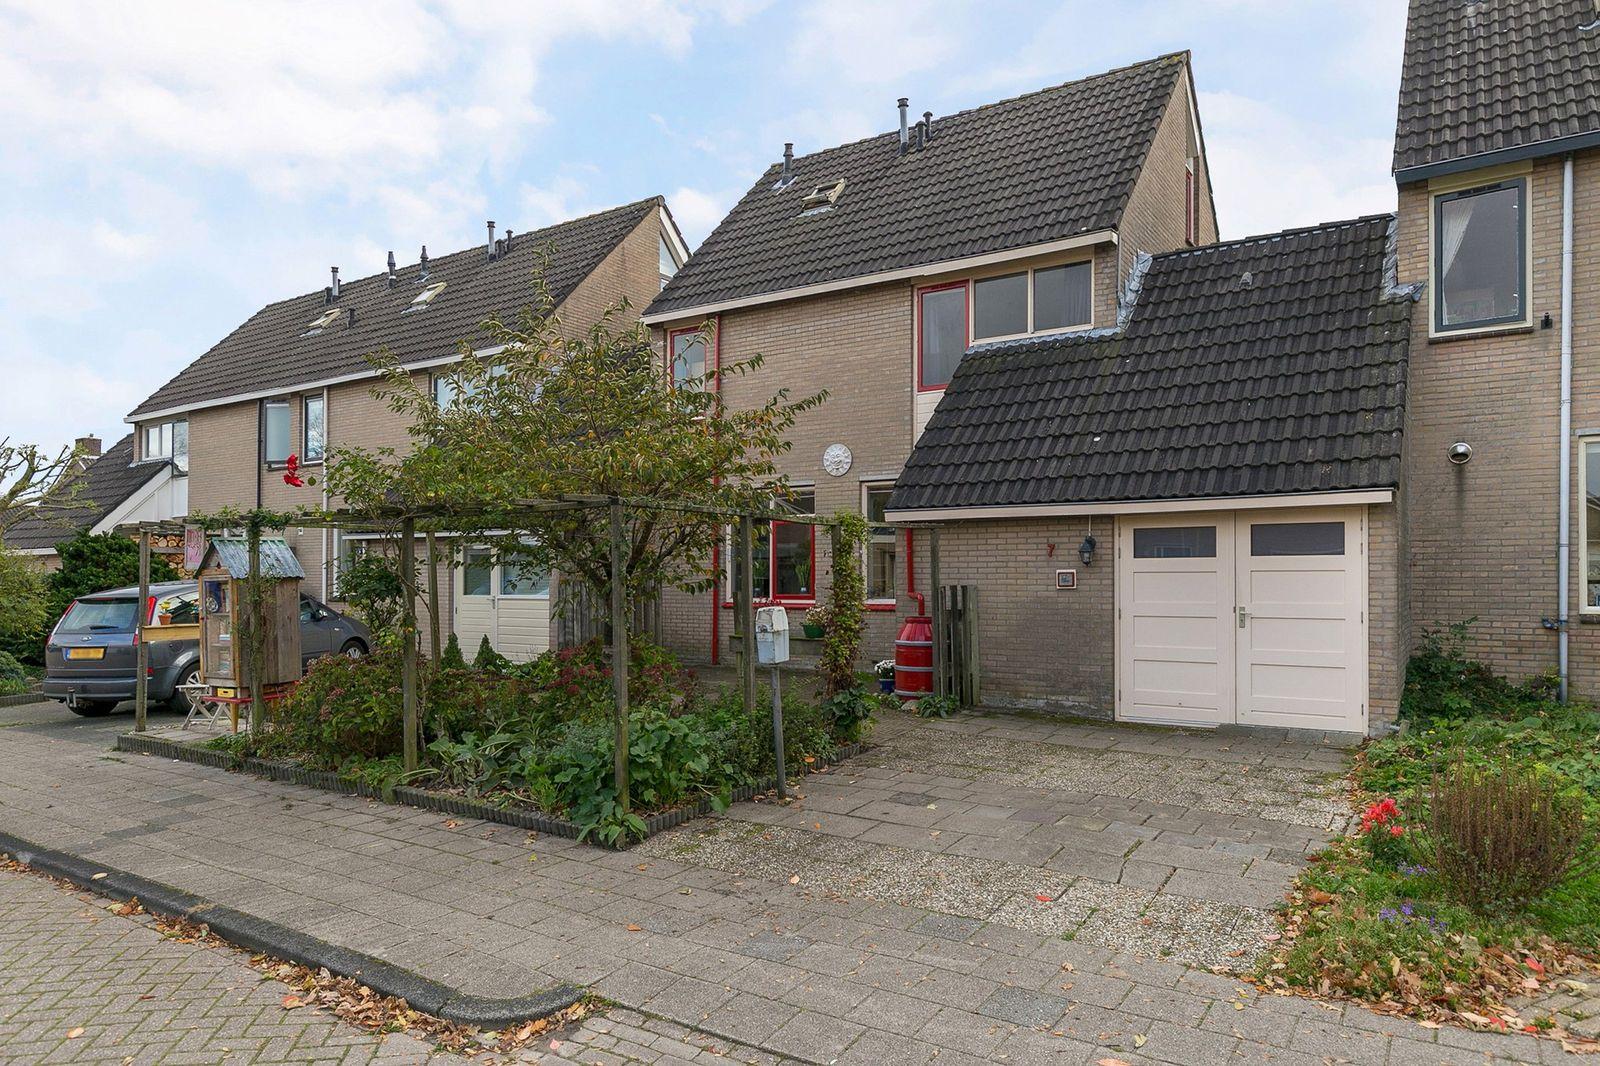 Cort van der Lindenstraat 7, Franeker